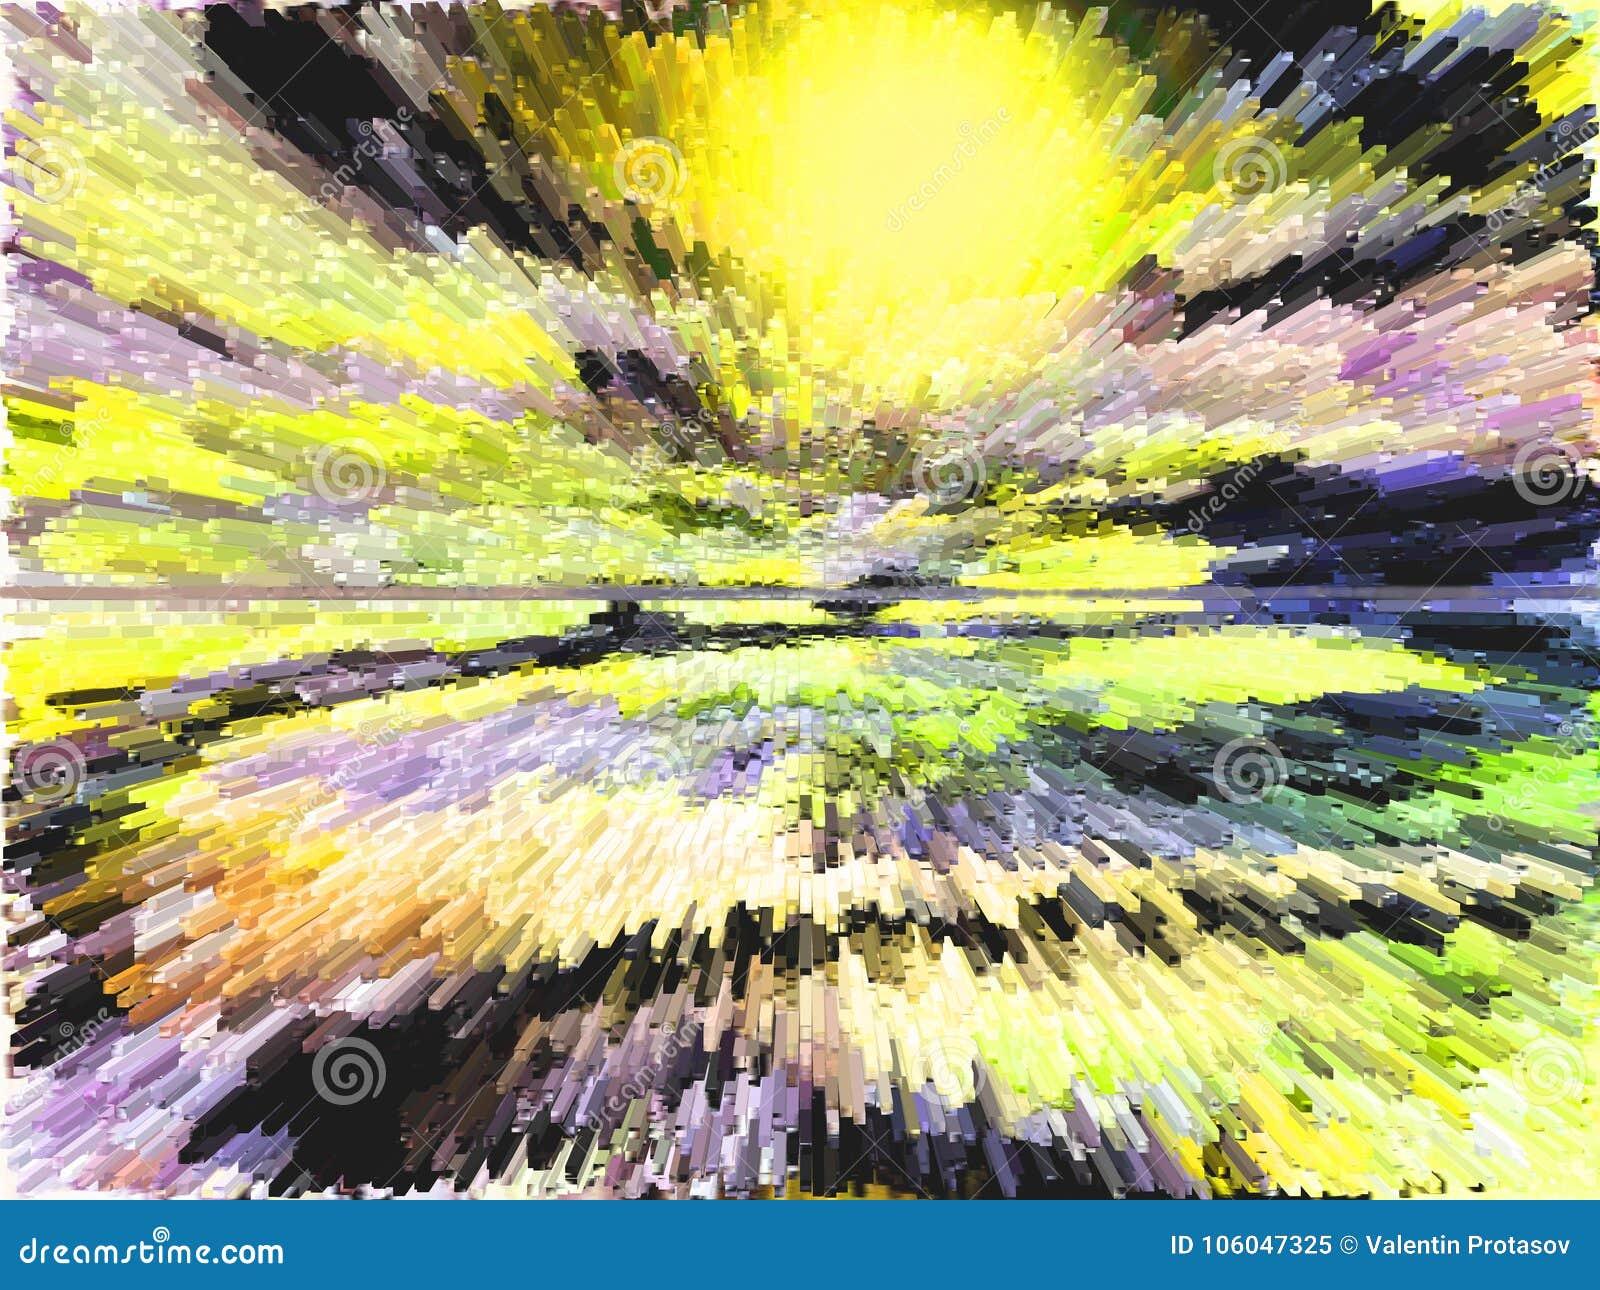 αφαίρεση Περίληψη ζωγραφική εικόνα σύσταση